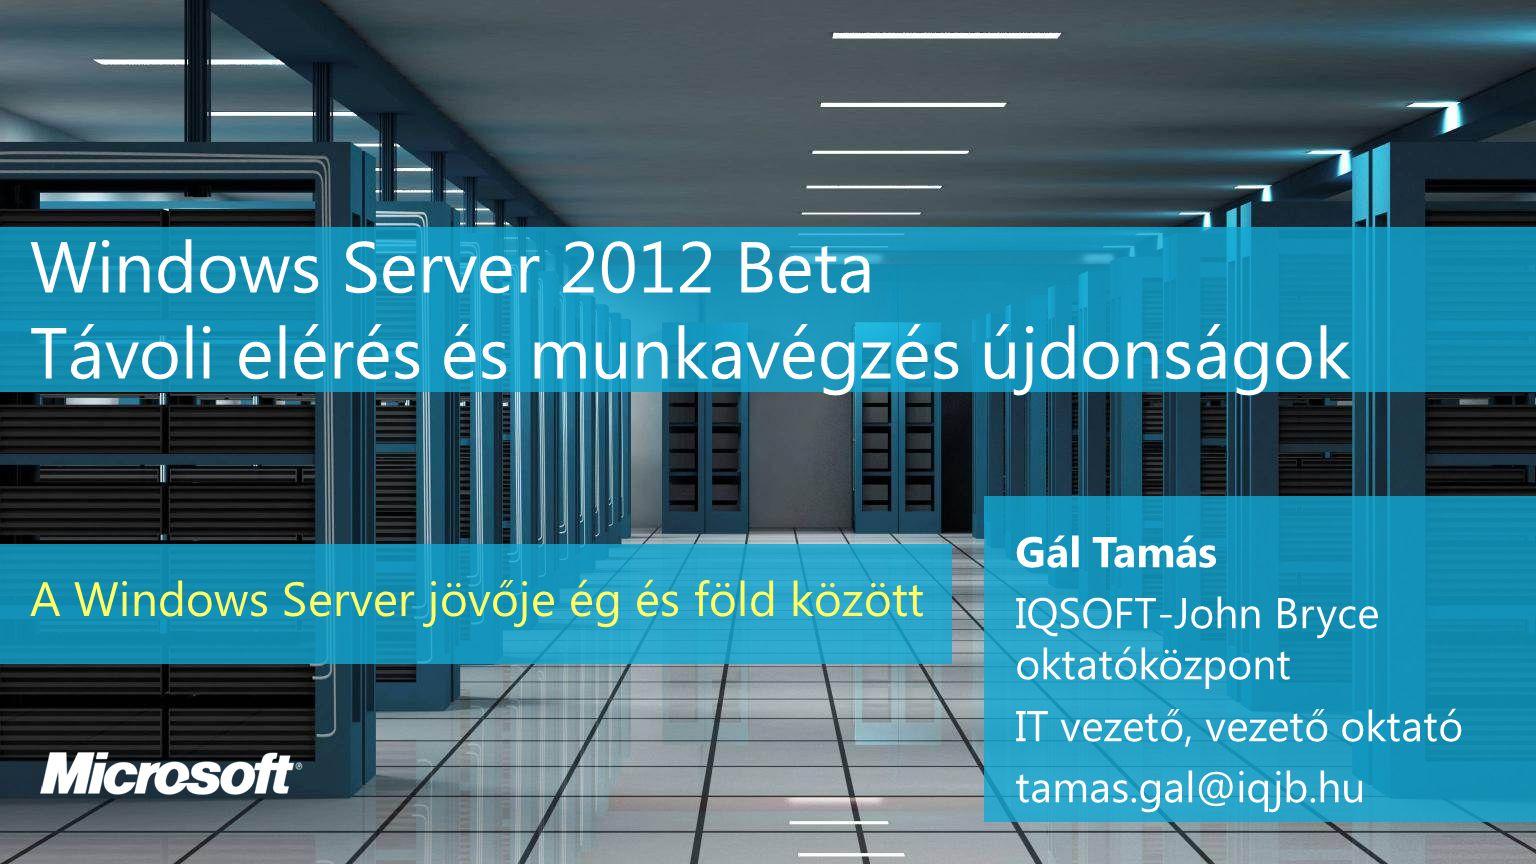 Windows Server 2012 Beta Távoli elérés és munkavégzés újdonságok A Windows Server jövője ég és föld között Gál Tamás IQSOFT-John Bryce oktatóközpont IT vezető, vezető oktató tamas.gal@iqjb.hu